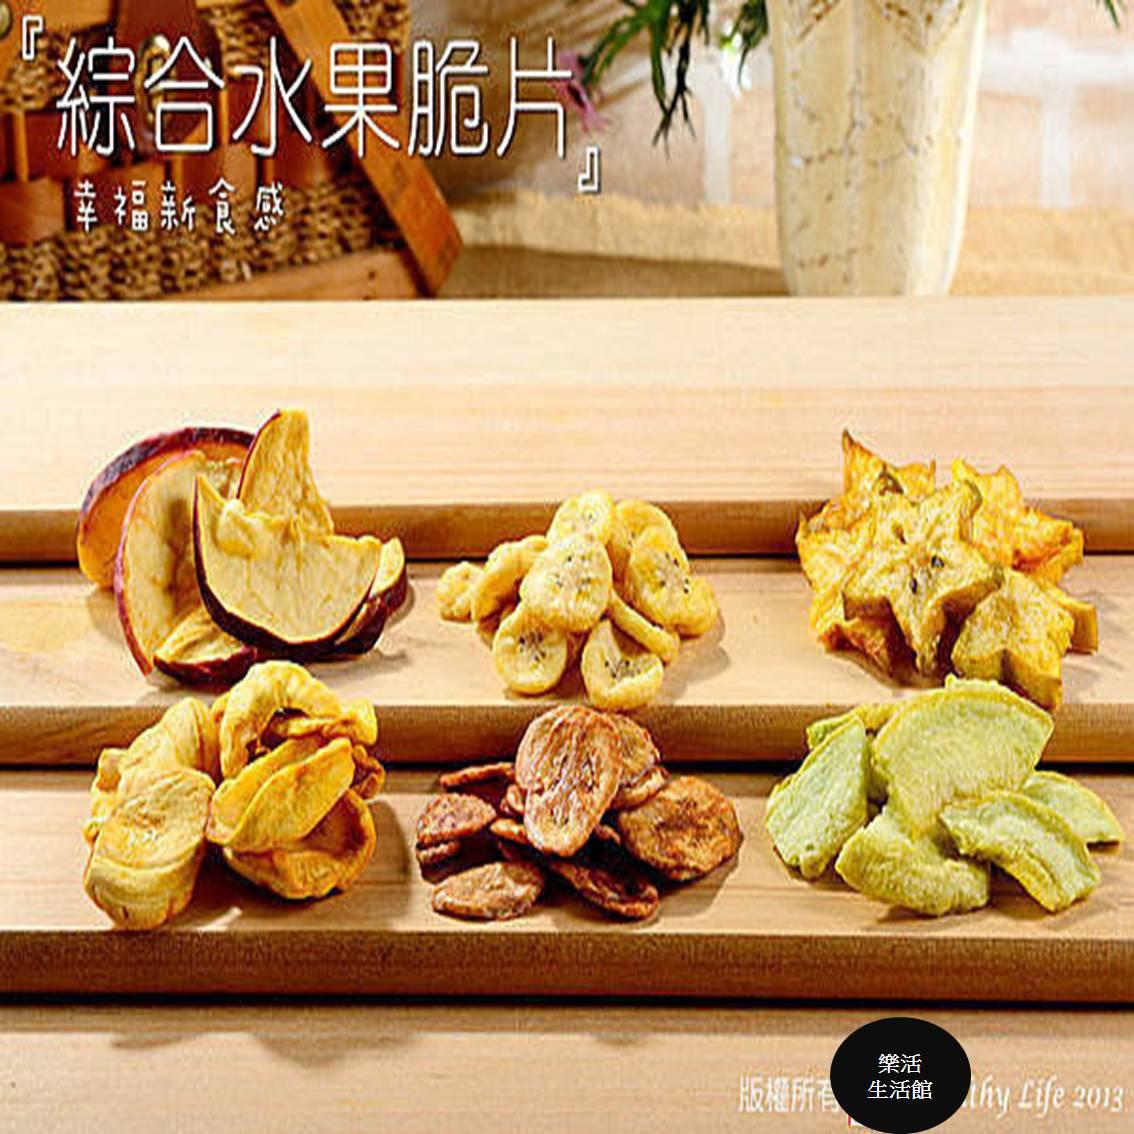 天然蔬果脆片系列 小包裝 最天然的美味【樂活生活館】